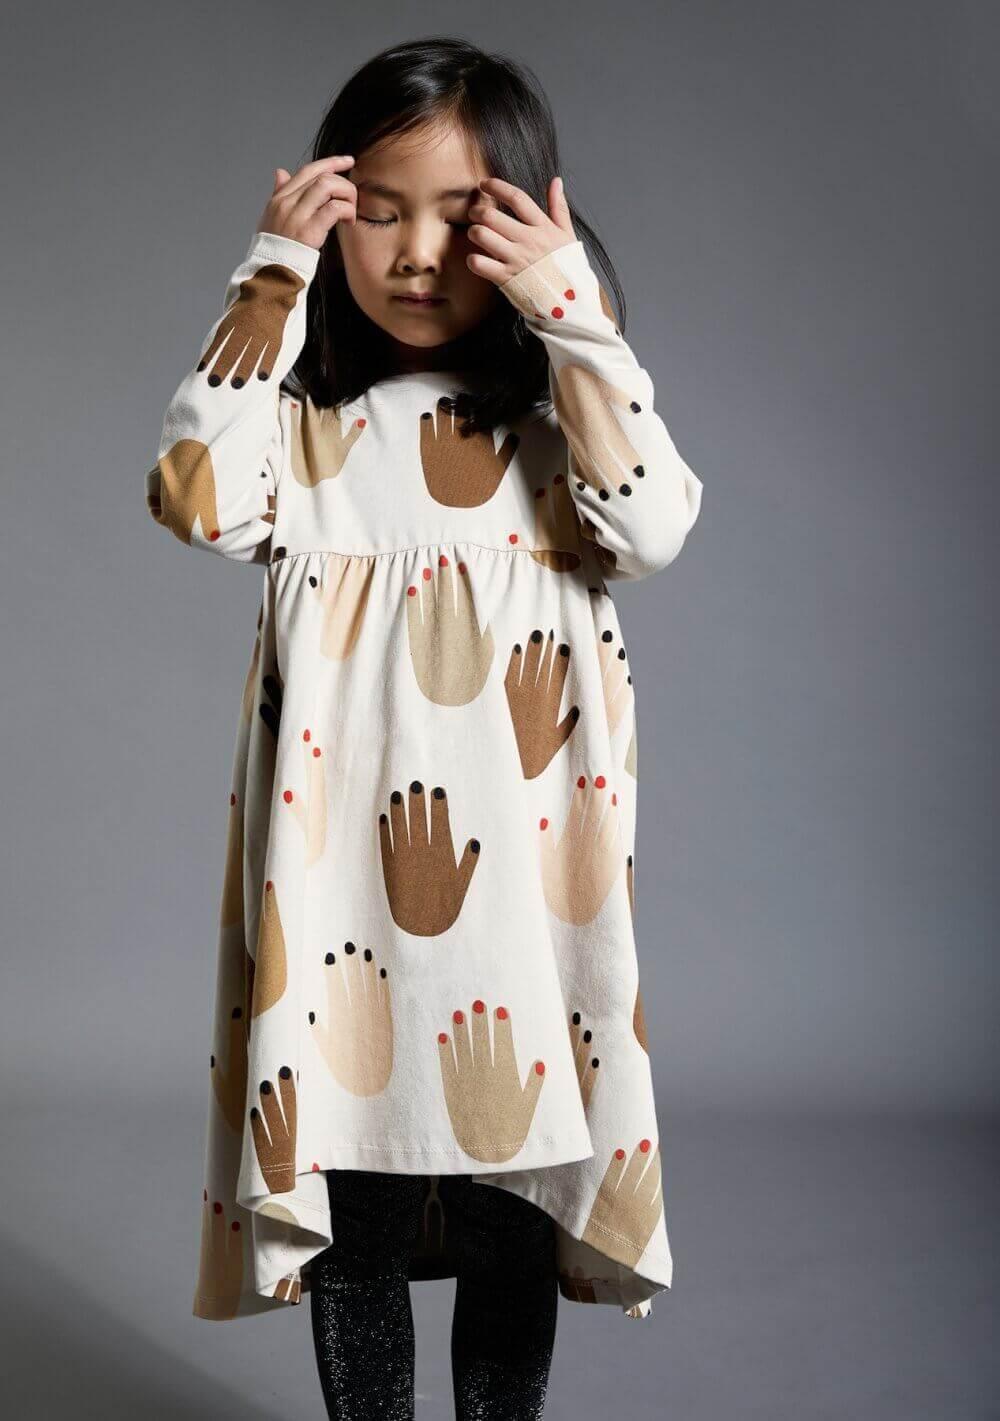 beige jersey dress